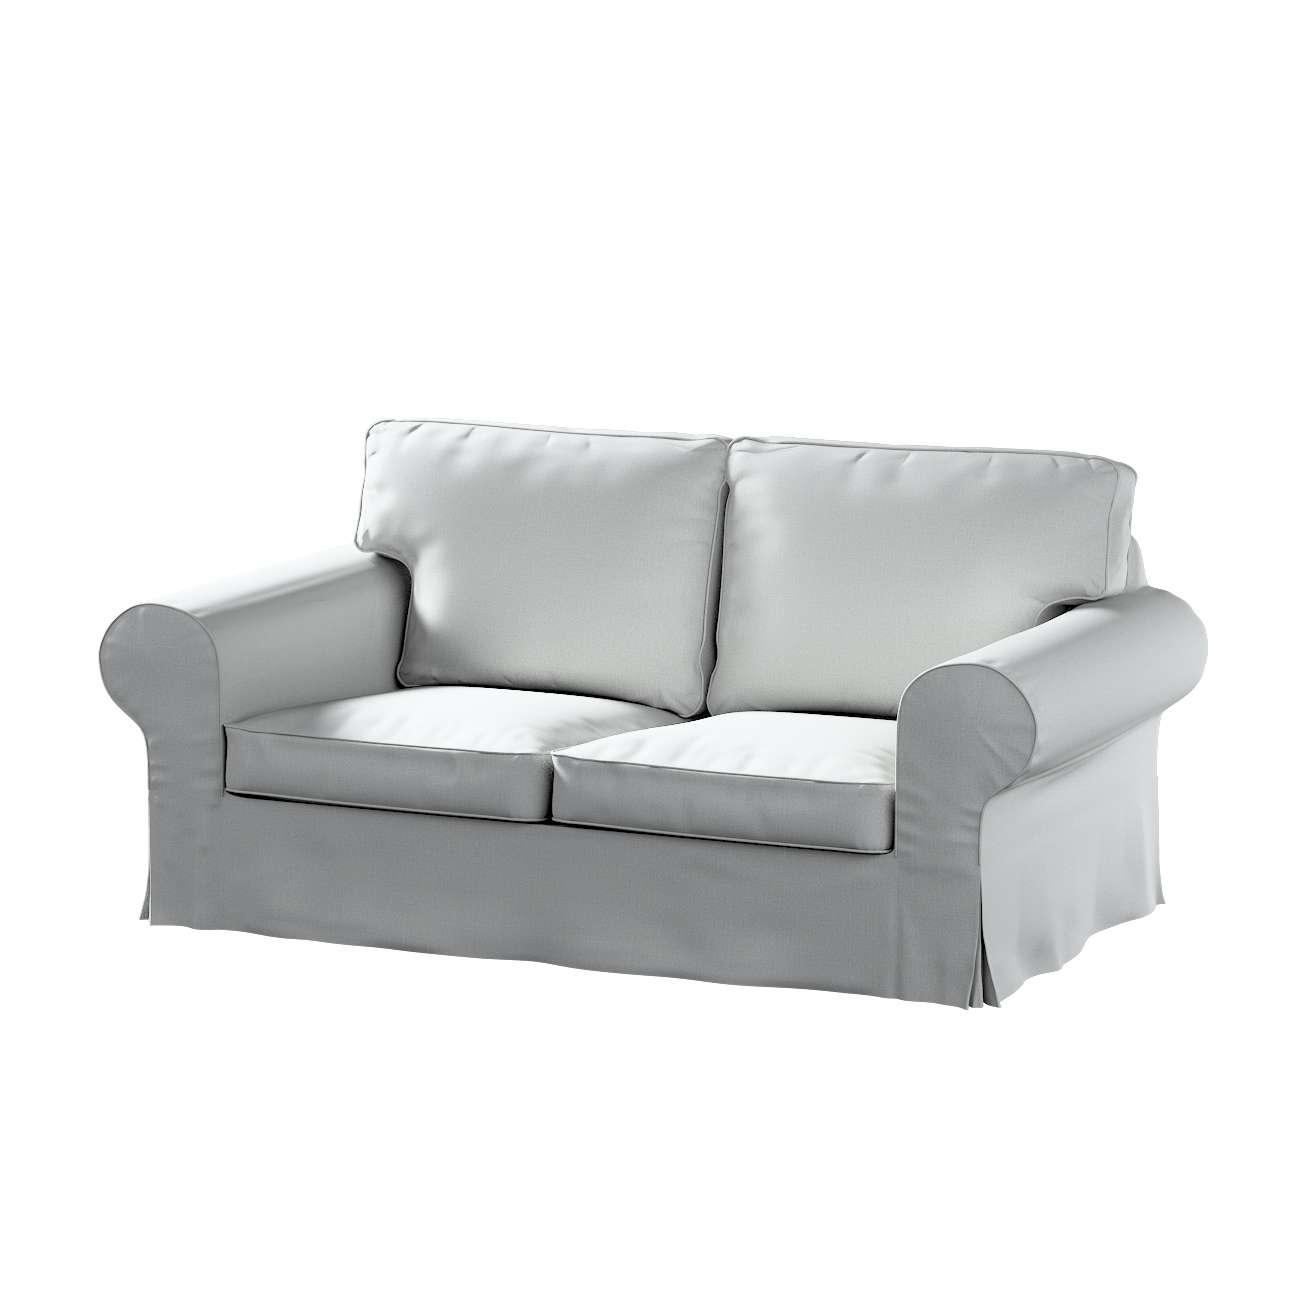 Poťah na sedačku Ektorp (nerozkladá sa, pre 2 osoby) V kolekcii Living 2, tkanina: 161-18